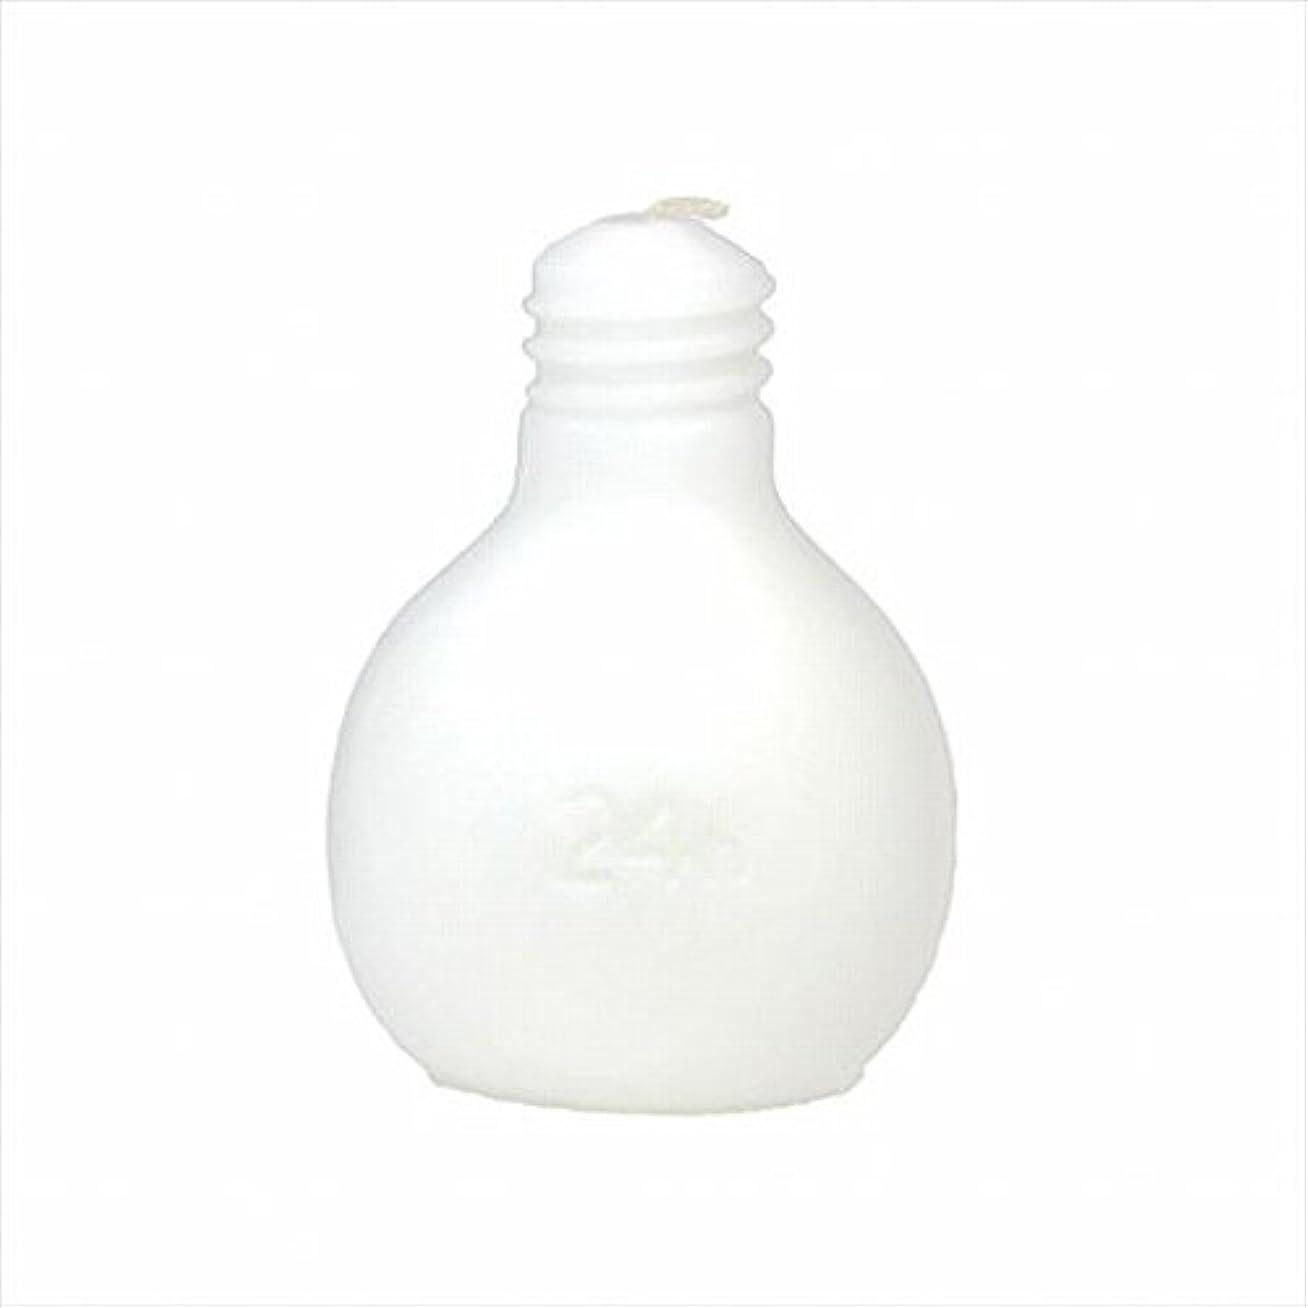 カメヤマキャンドル(kameyama candle) 節電球キャンドル 「 ホワイト 」